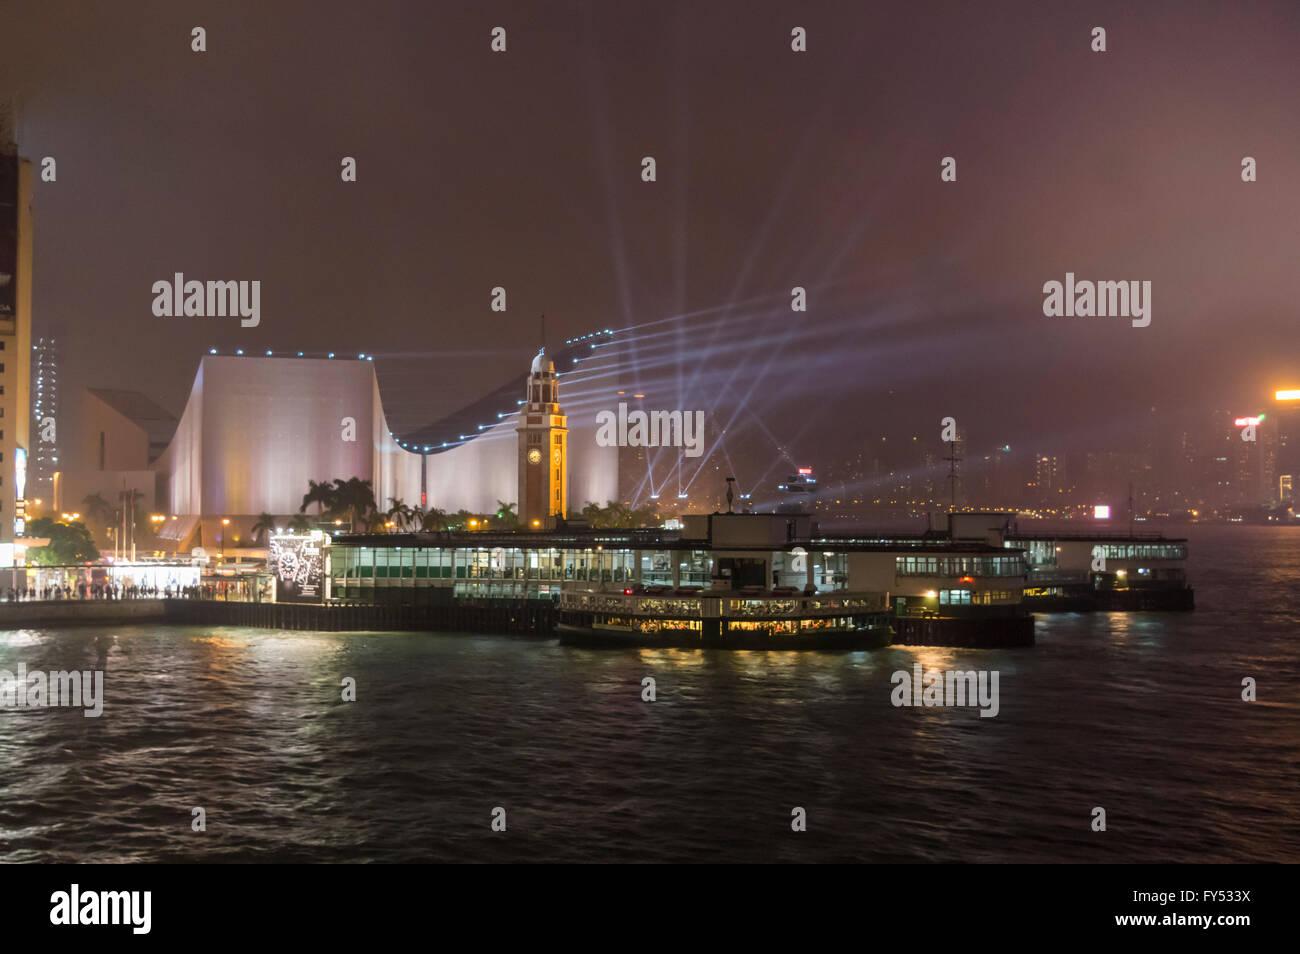 The Star Ferry Terminal, Tsim Sha Tsui Clock Tower, and Hong Kong Cultural Centre at night. Kowloon, Hong Kong. - Stock Image